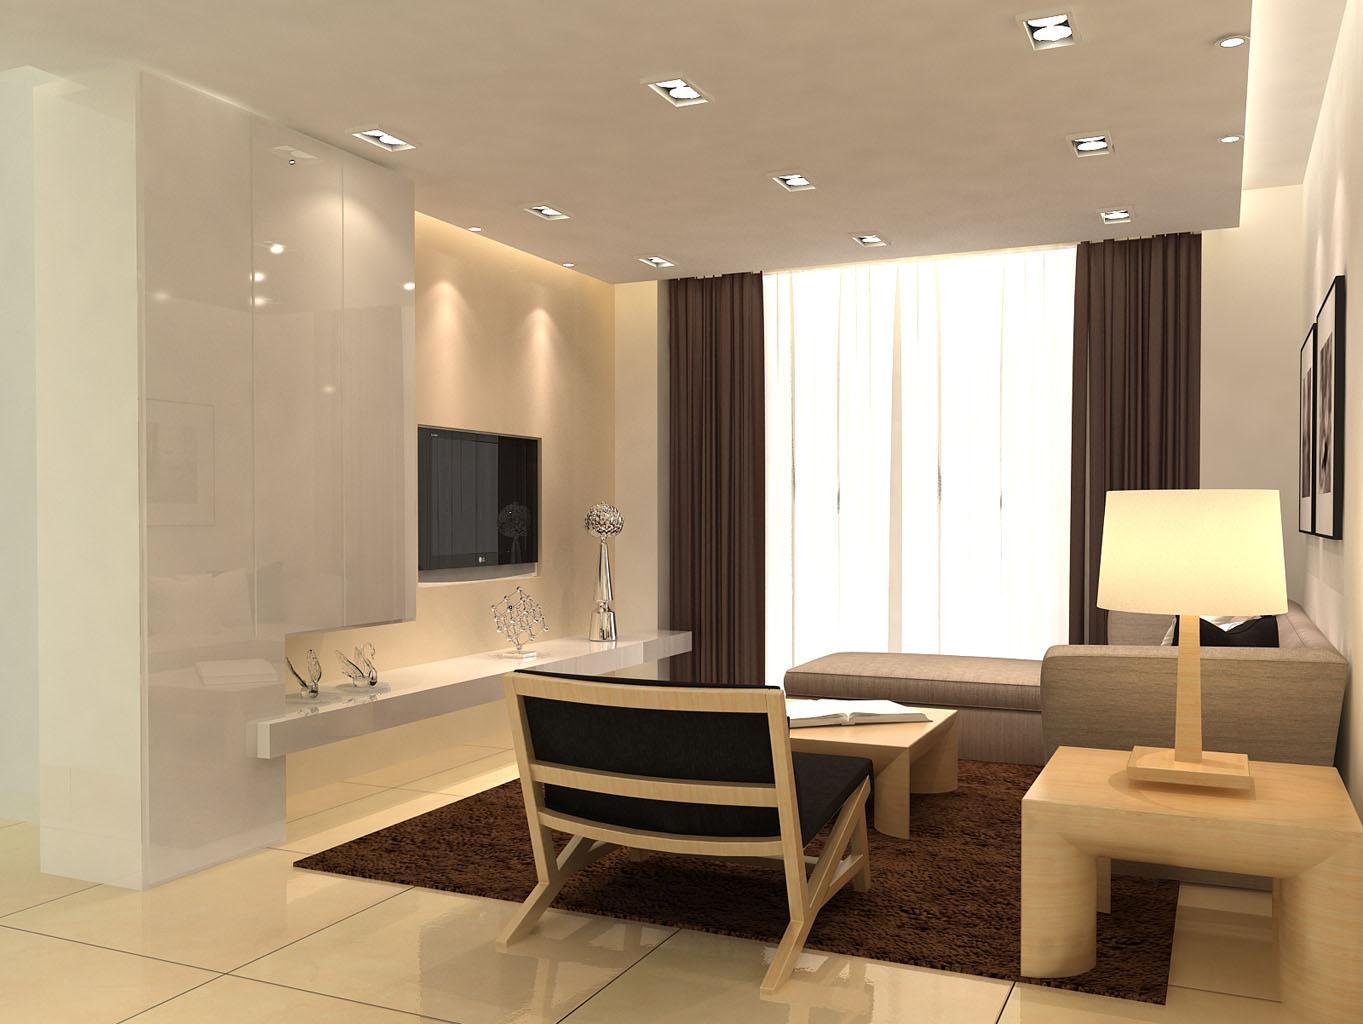 二居 简约 尚东紫御 实创装饰 客厅图片来自传承正能量在12.7万的简约时尚的舒适空间的分享